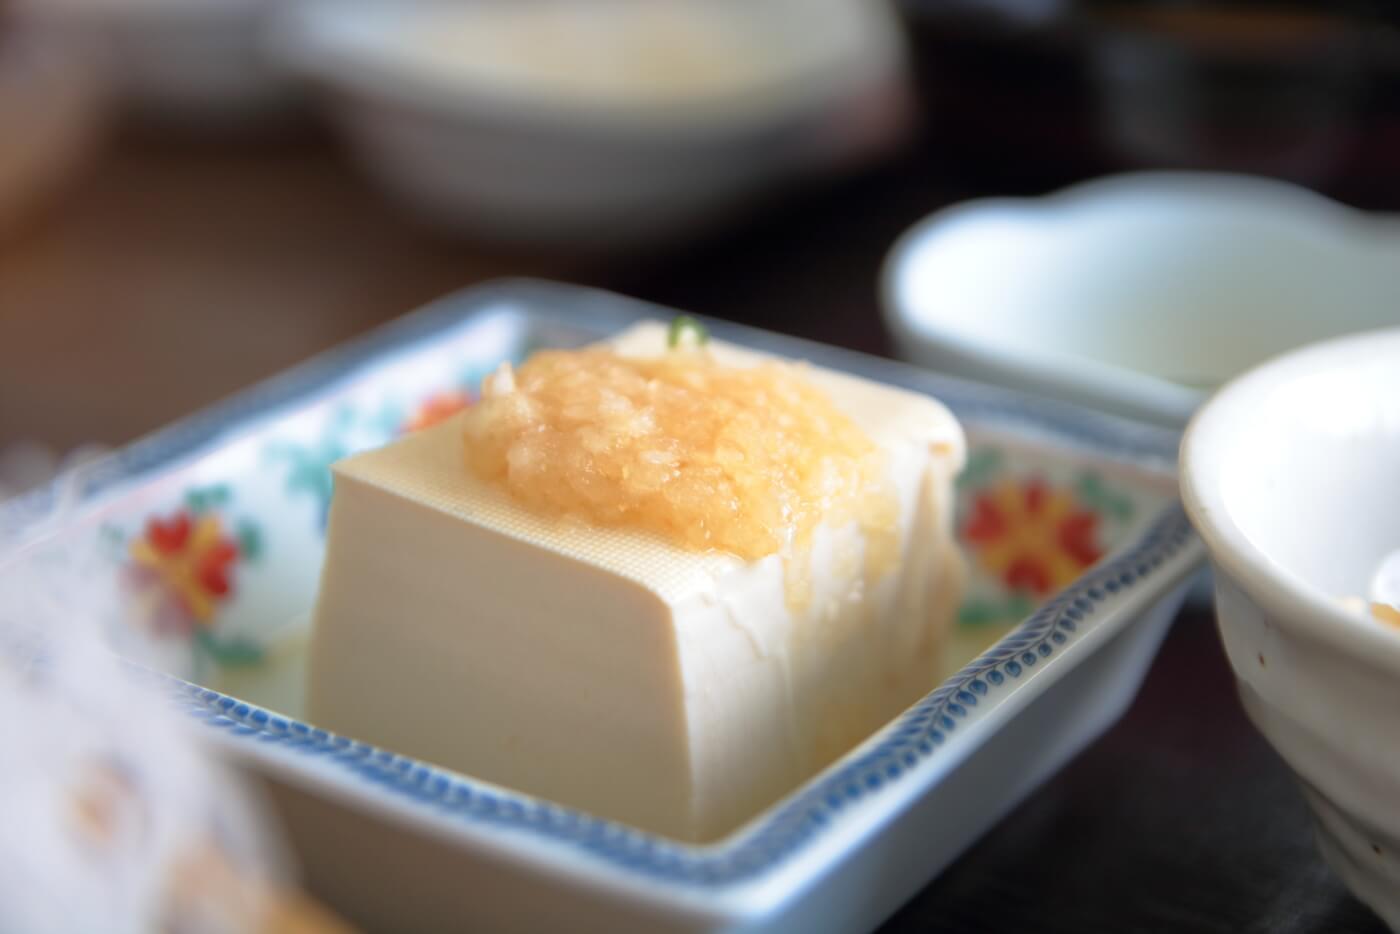 ドライブイン西村食堂 刺身定食の豆腐